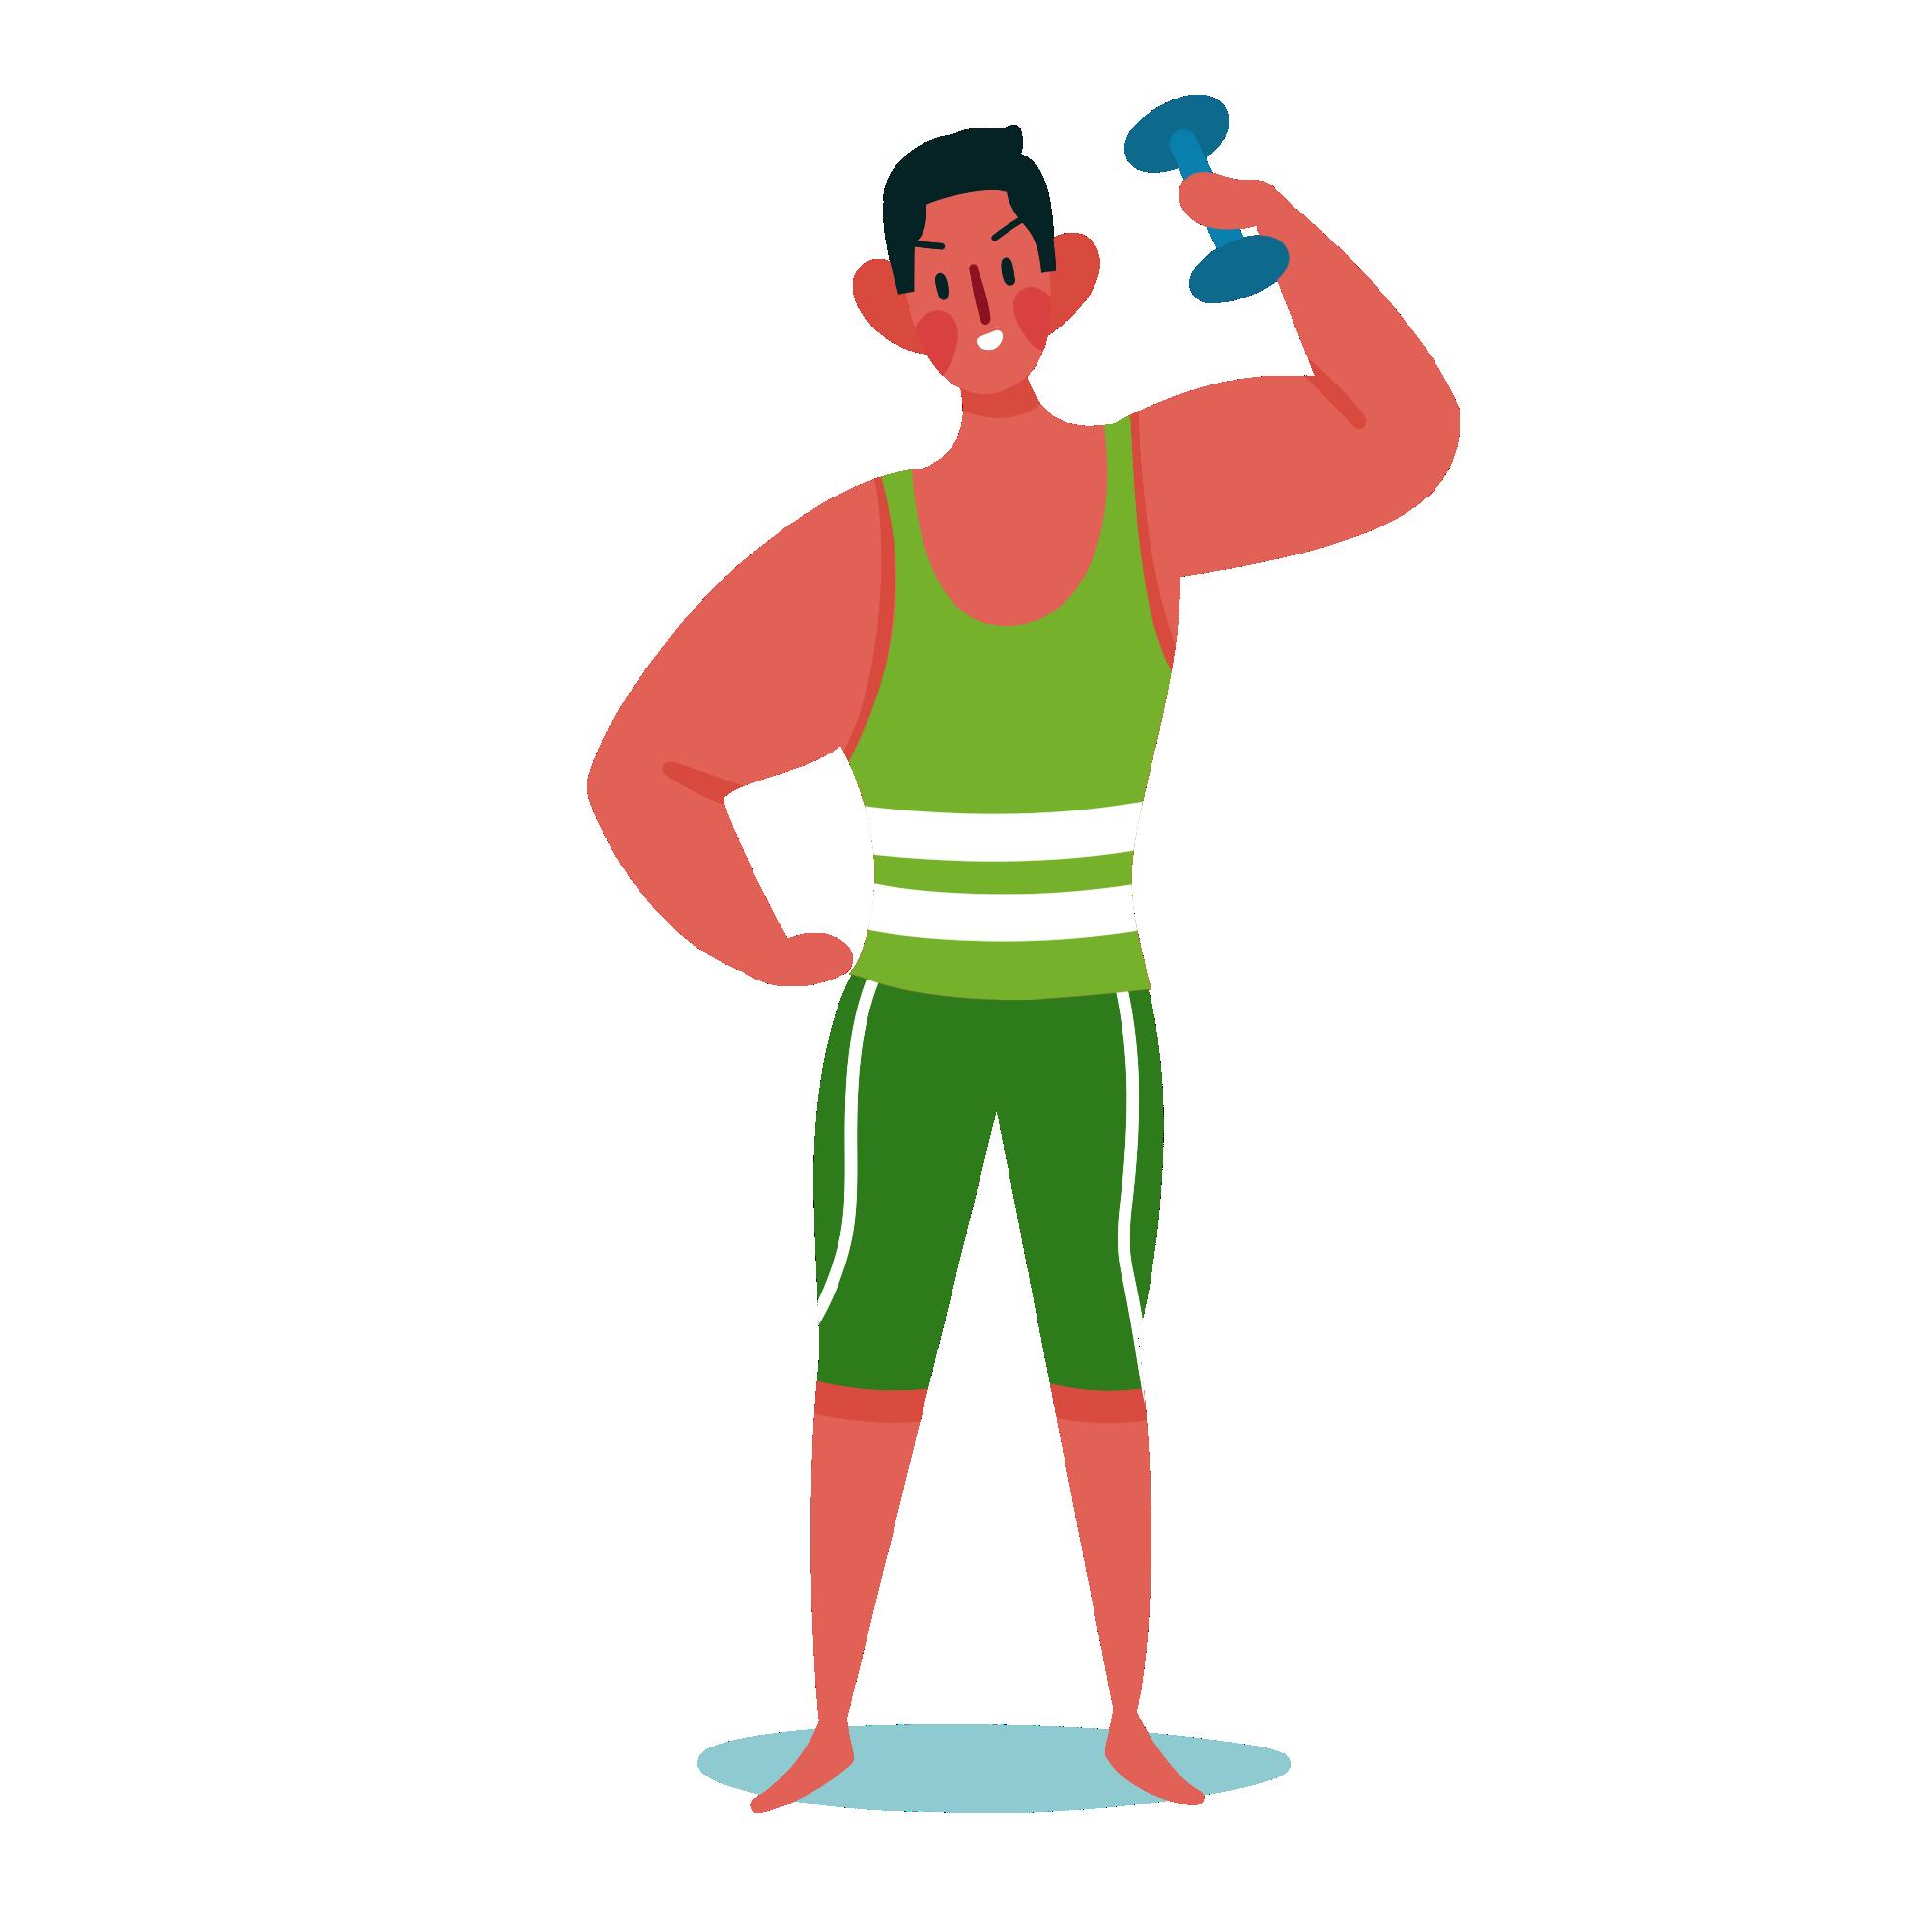 爱德华-豪威尔医学博士的多种试验表明酵素对人体非常